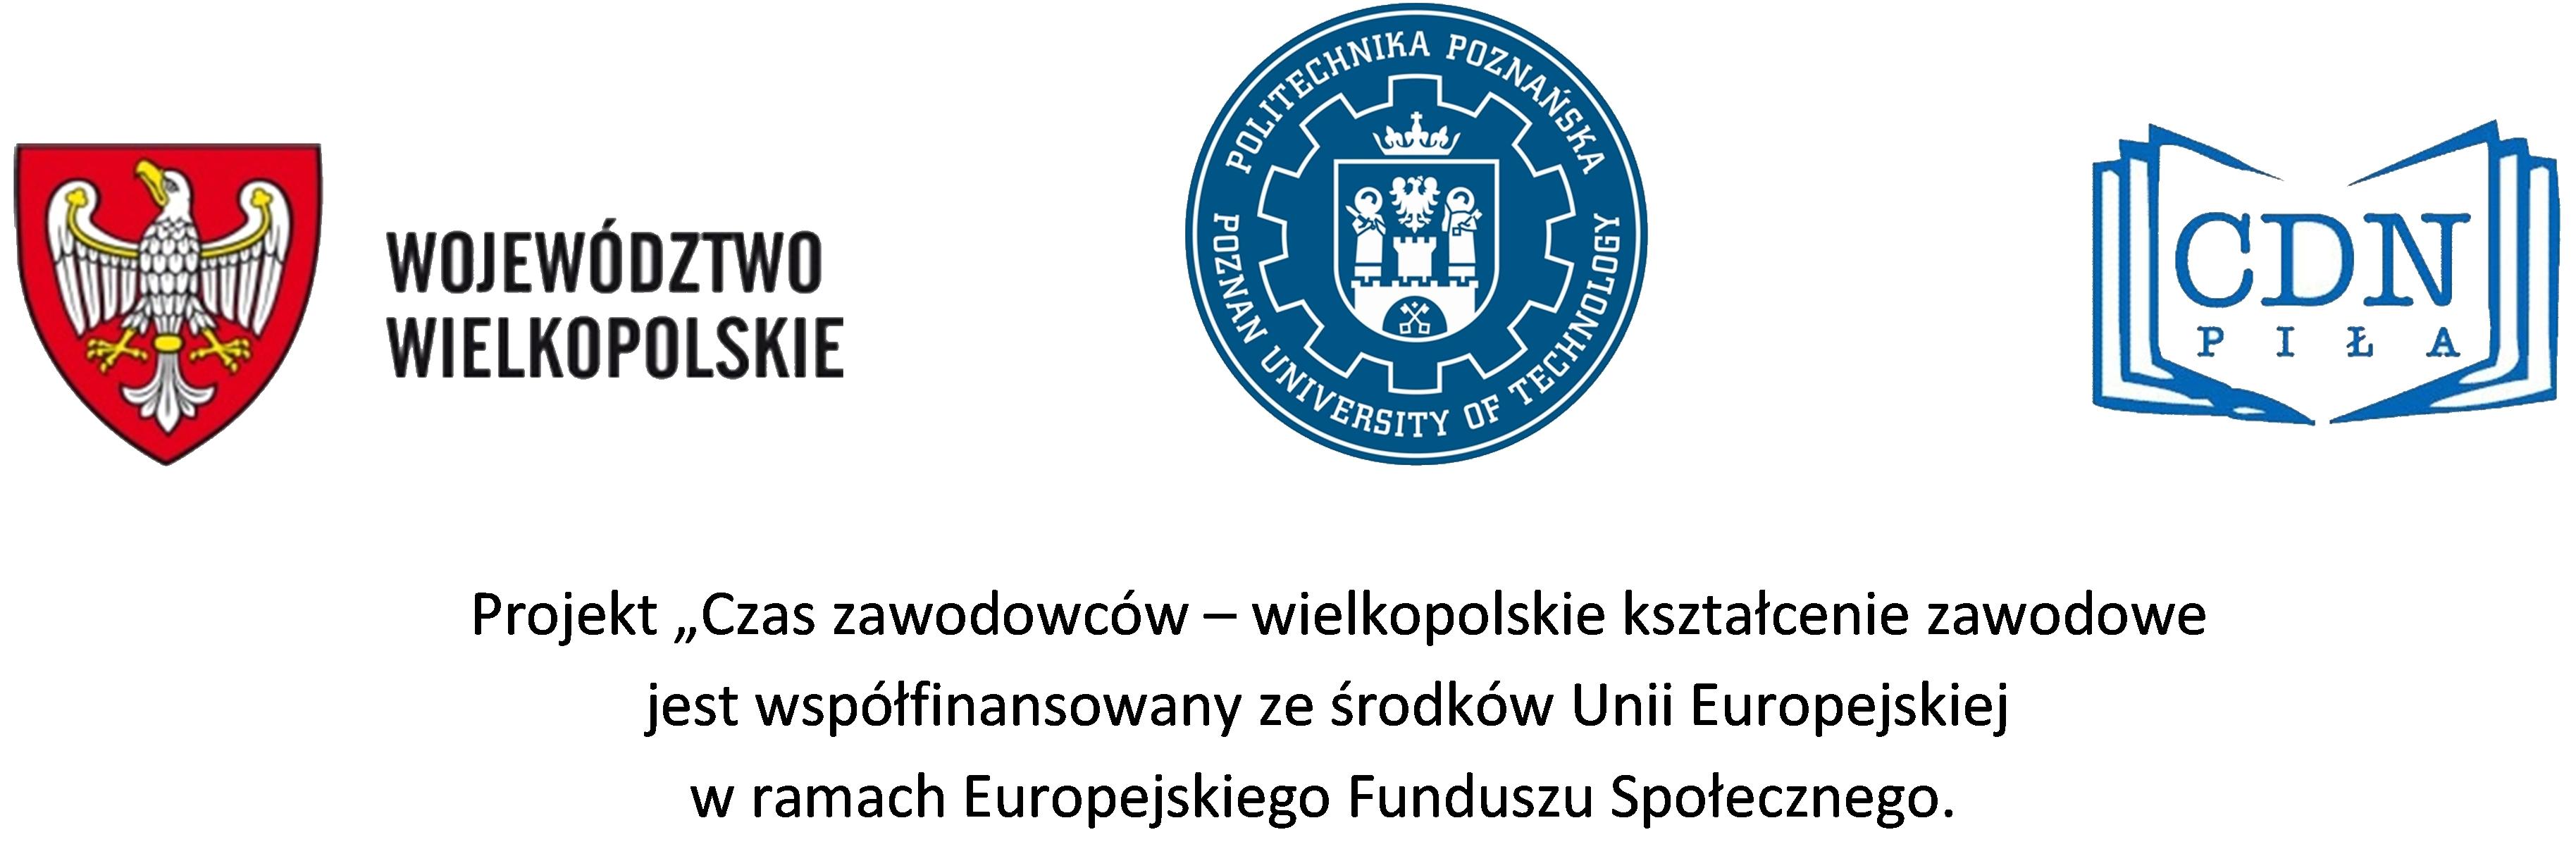 Projekt współfinansowany ze środków unijnych EFS